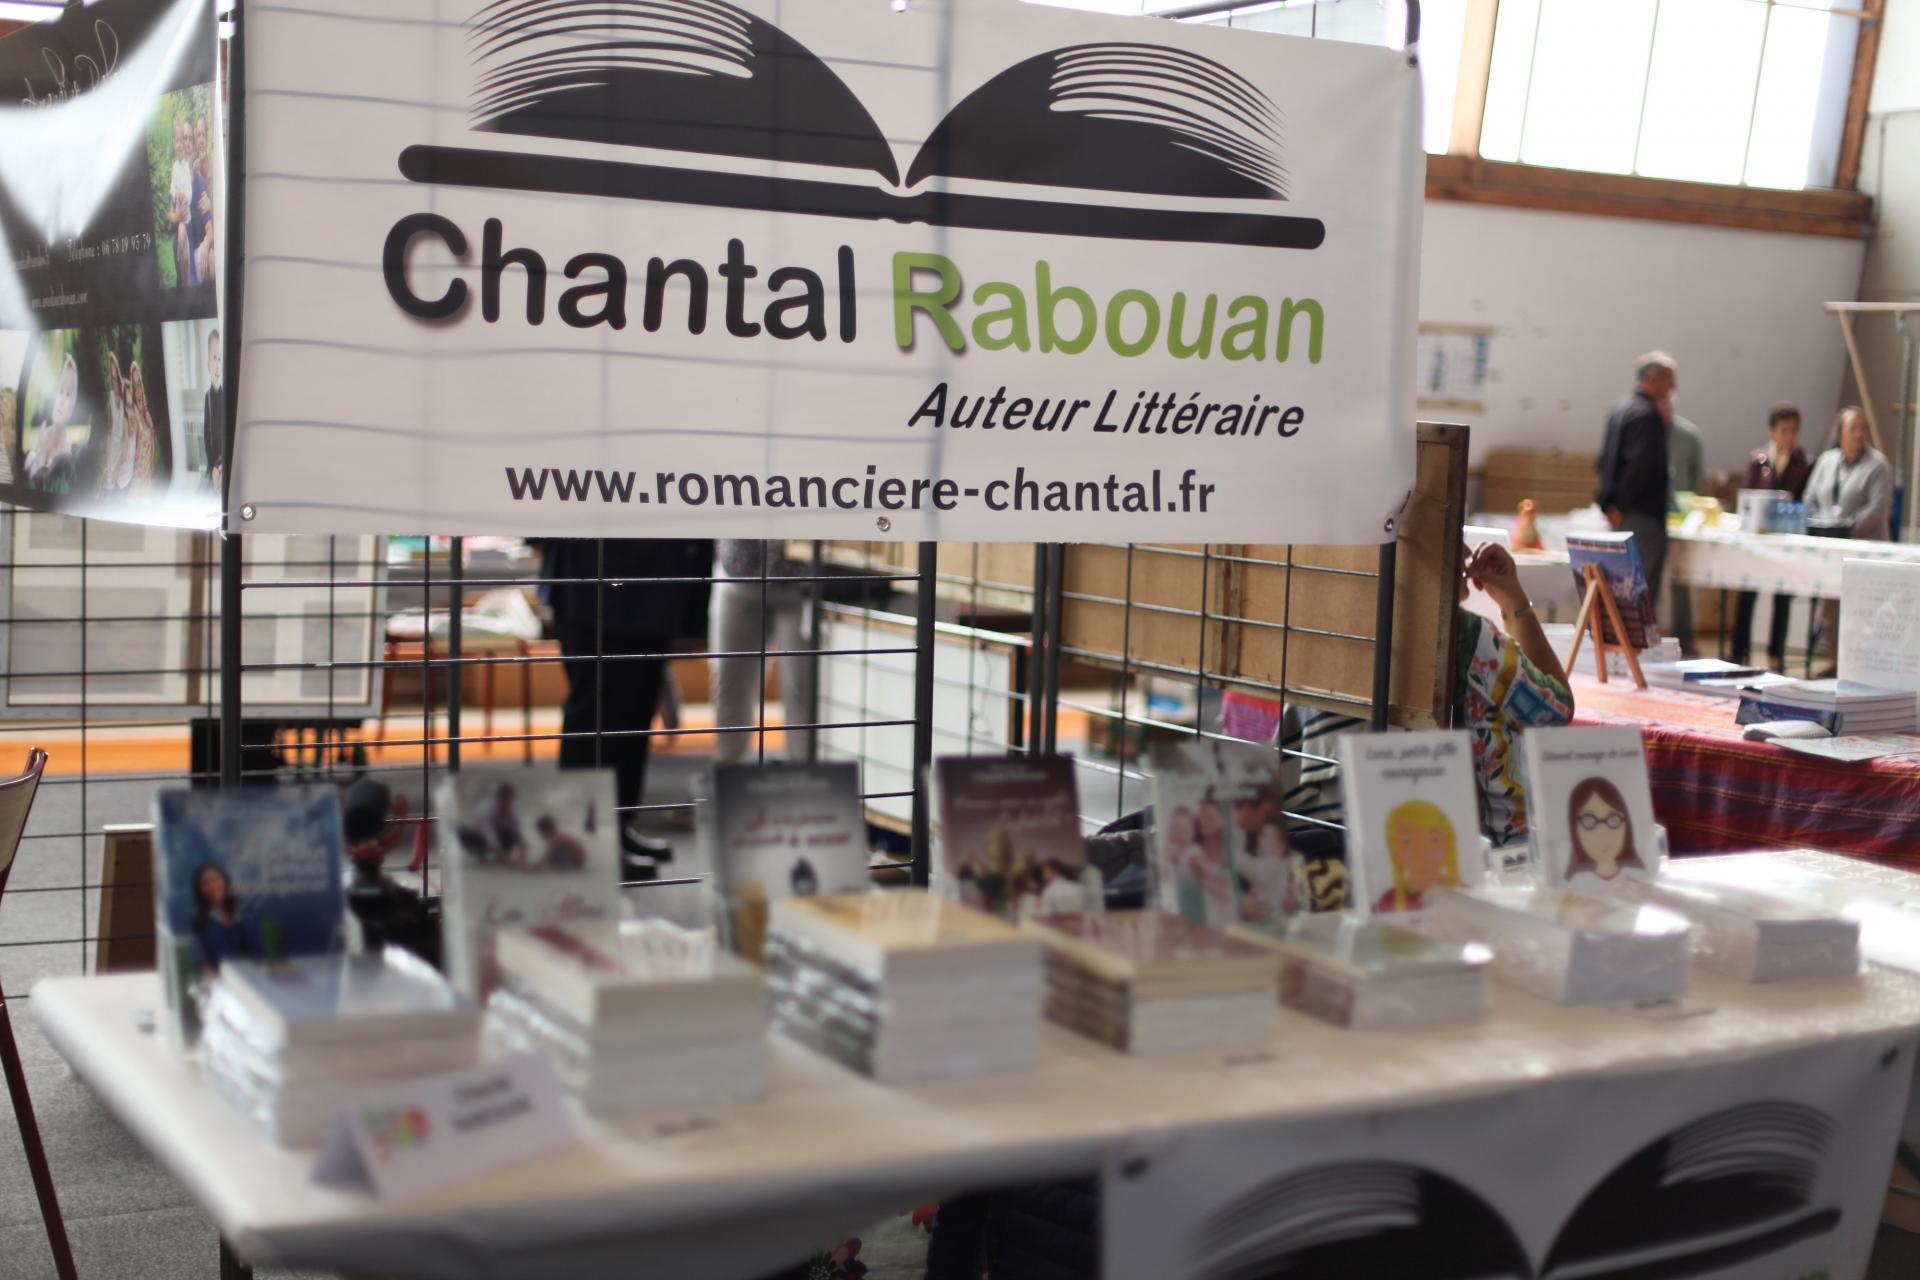 Chantal RABOUAN